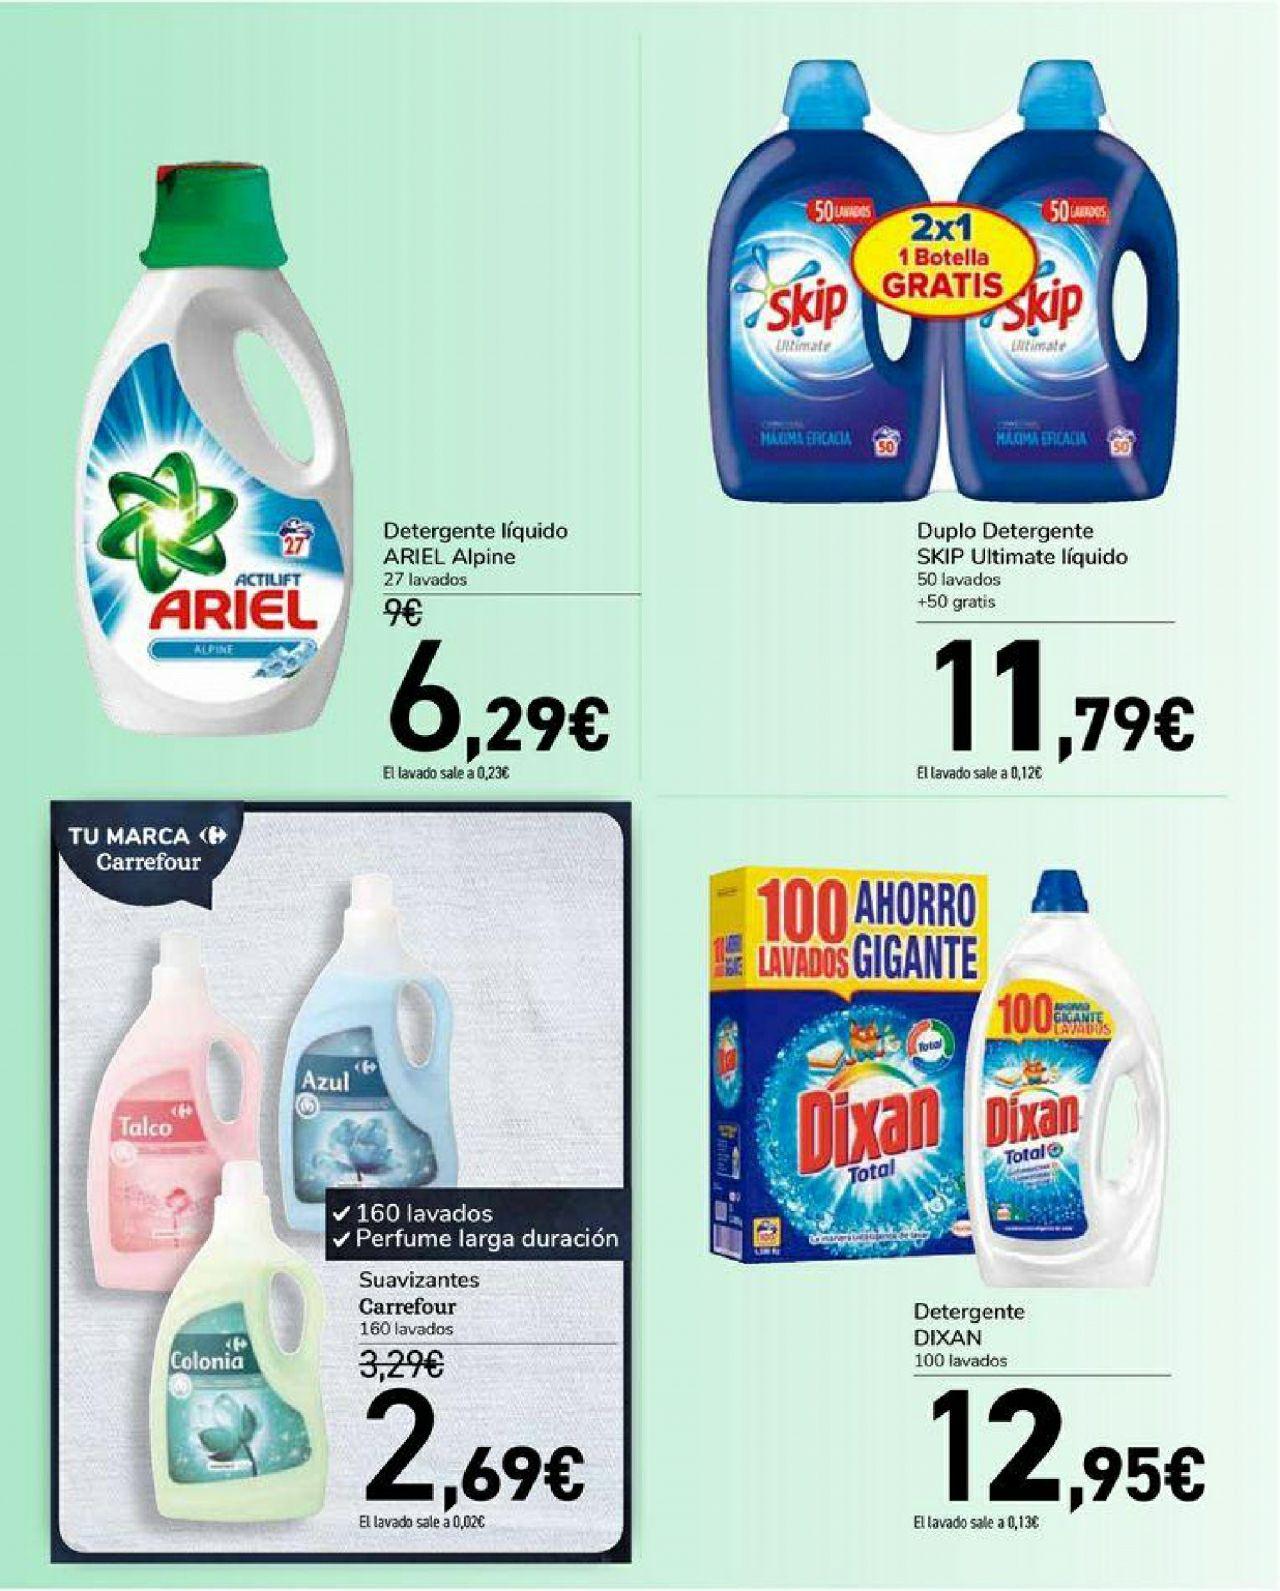 Carrefour catálogo 3x2 100 lavados skip